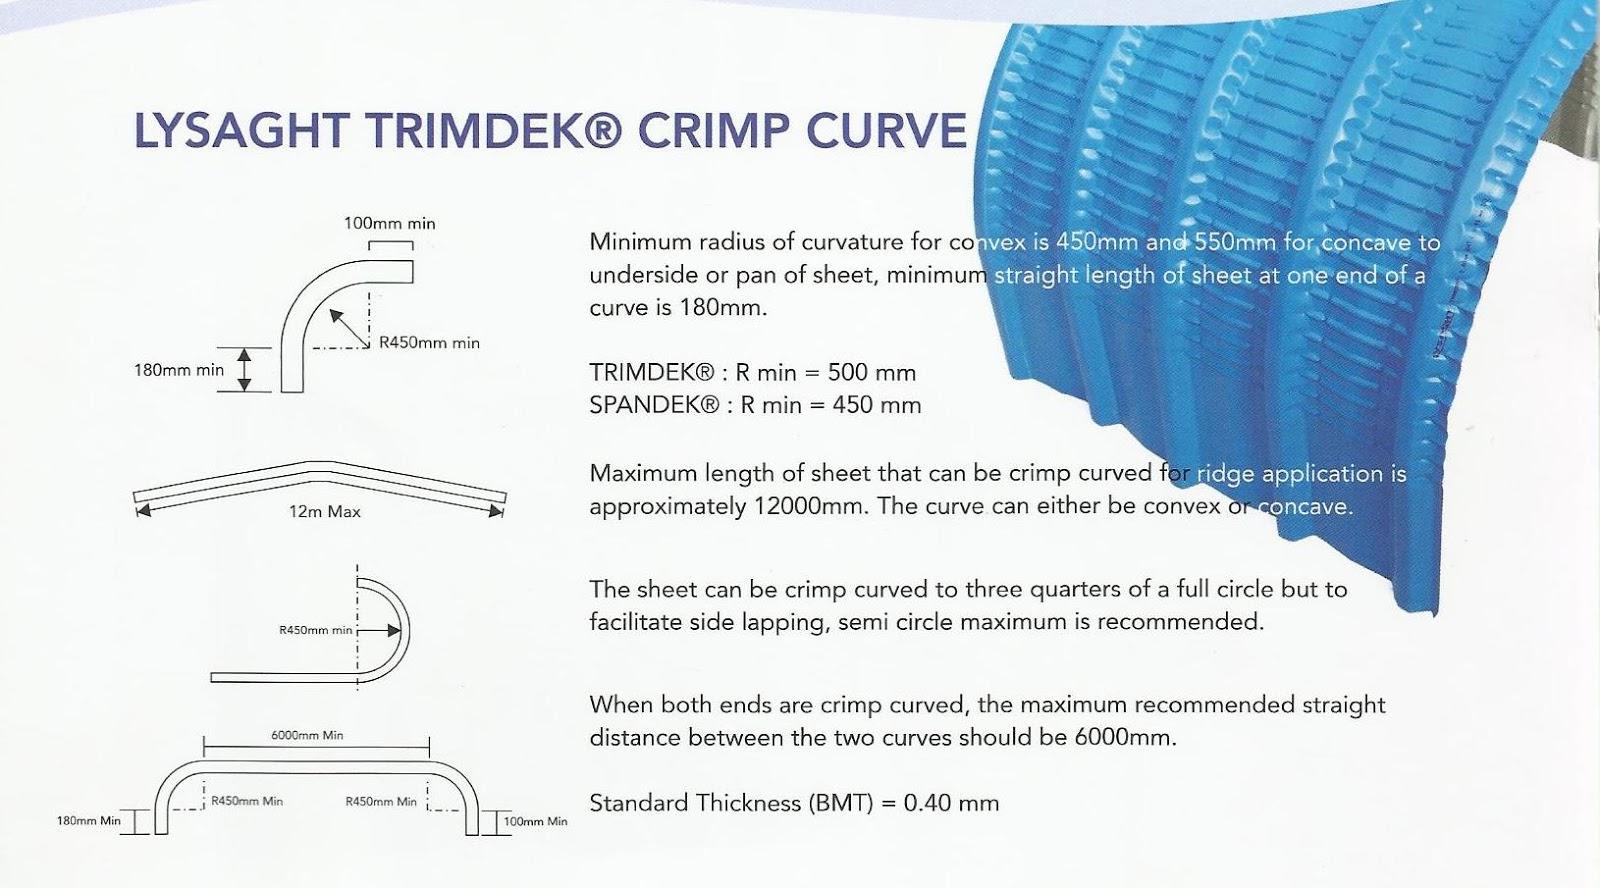 rangka baja ringan untuk atap asbes cv. berkat lancar jaya: trimdek lysaght crimp curve